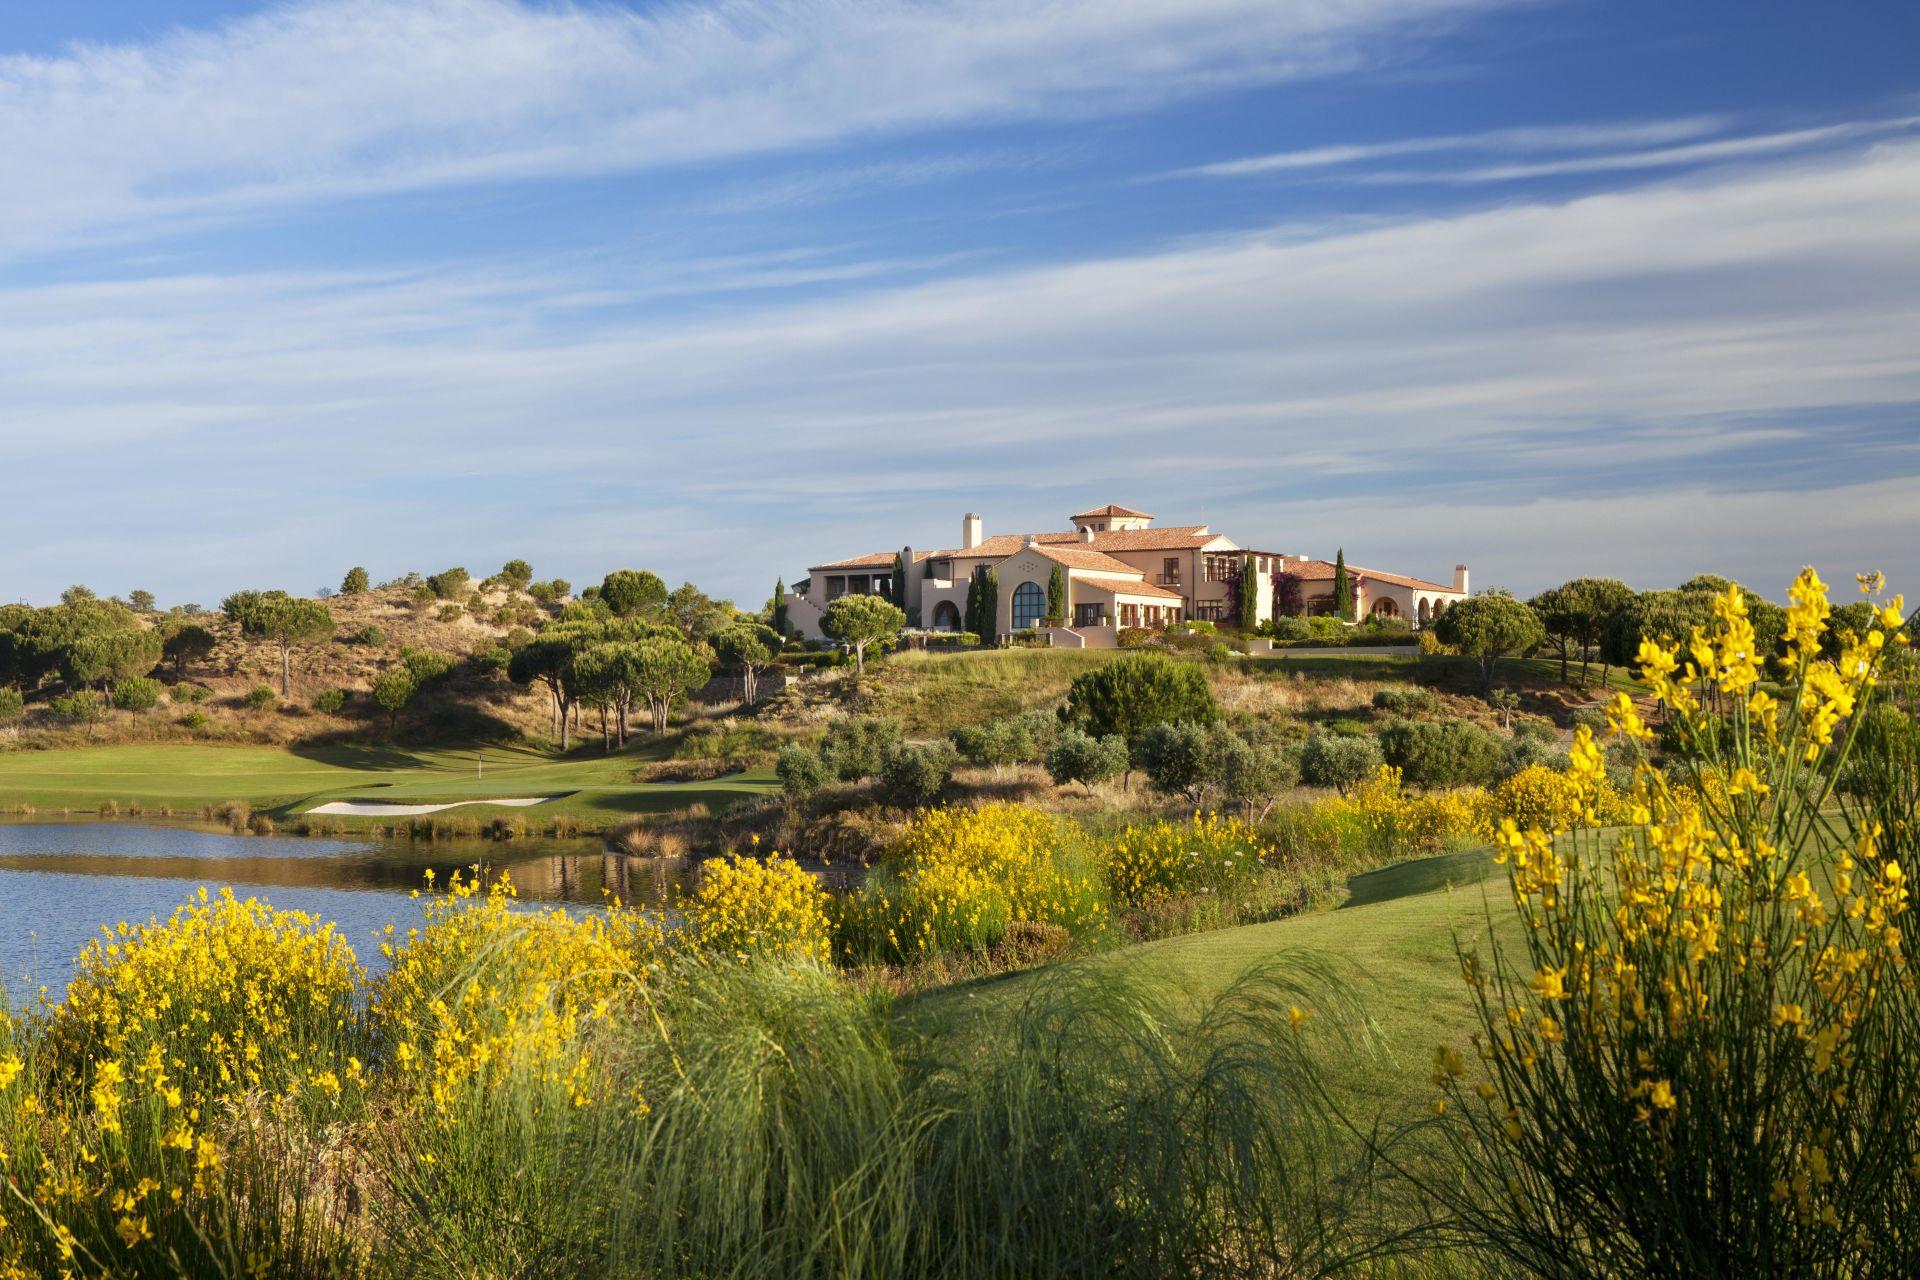 Resort Monte Rei Algarve